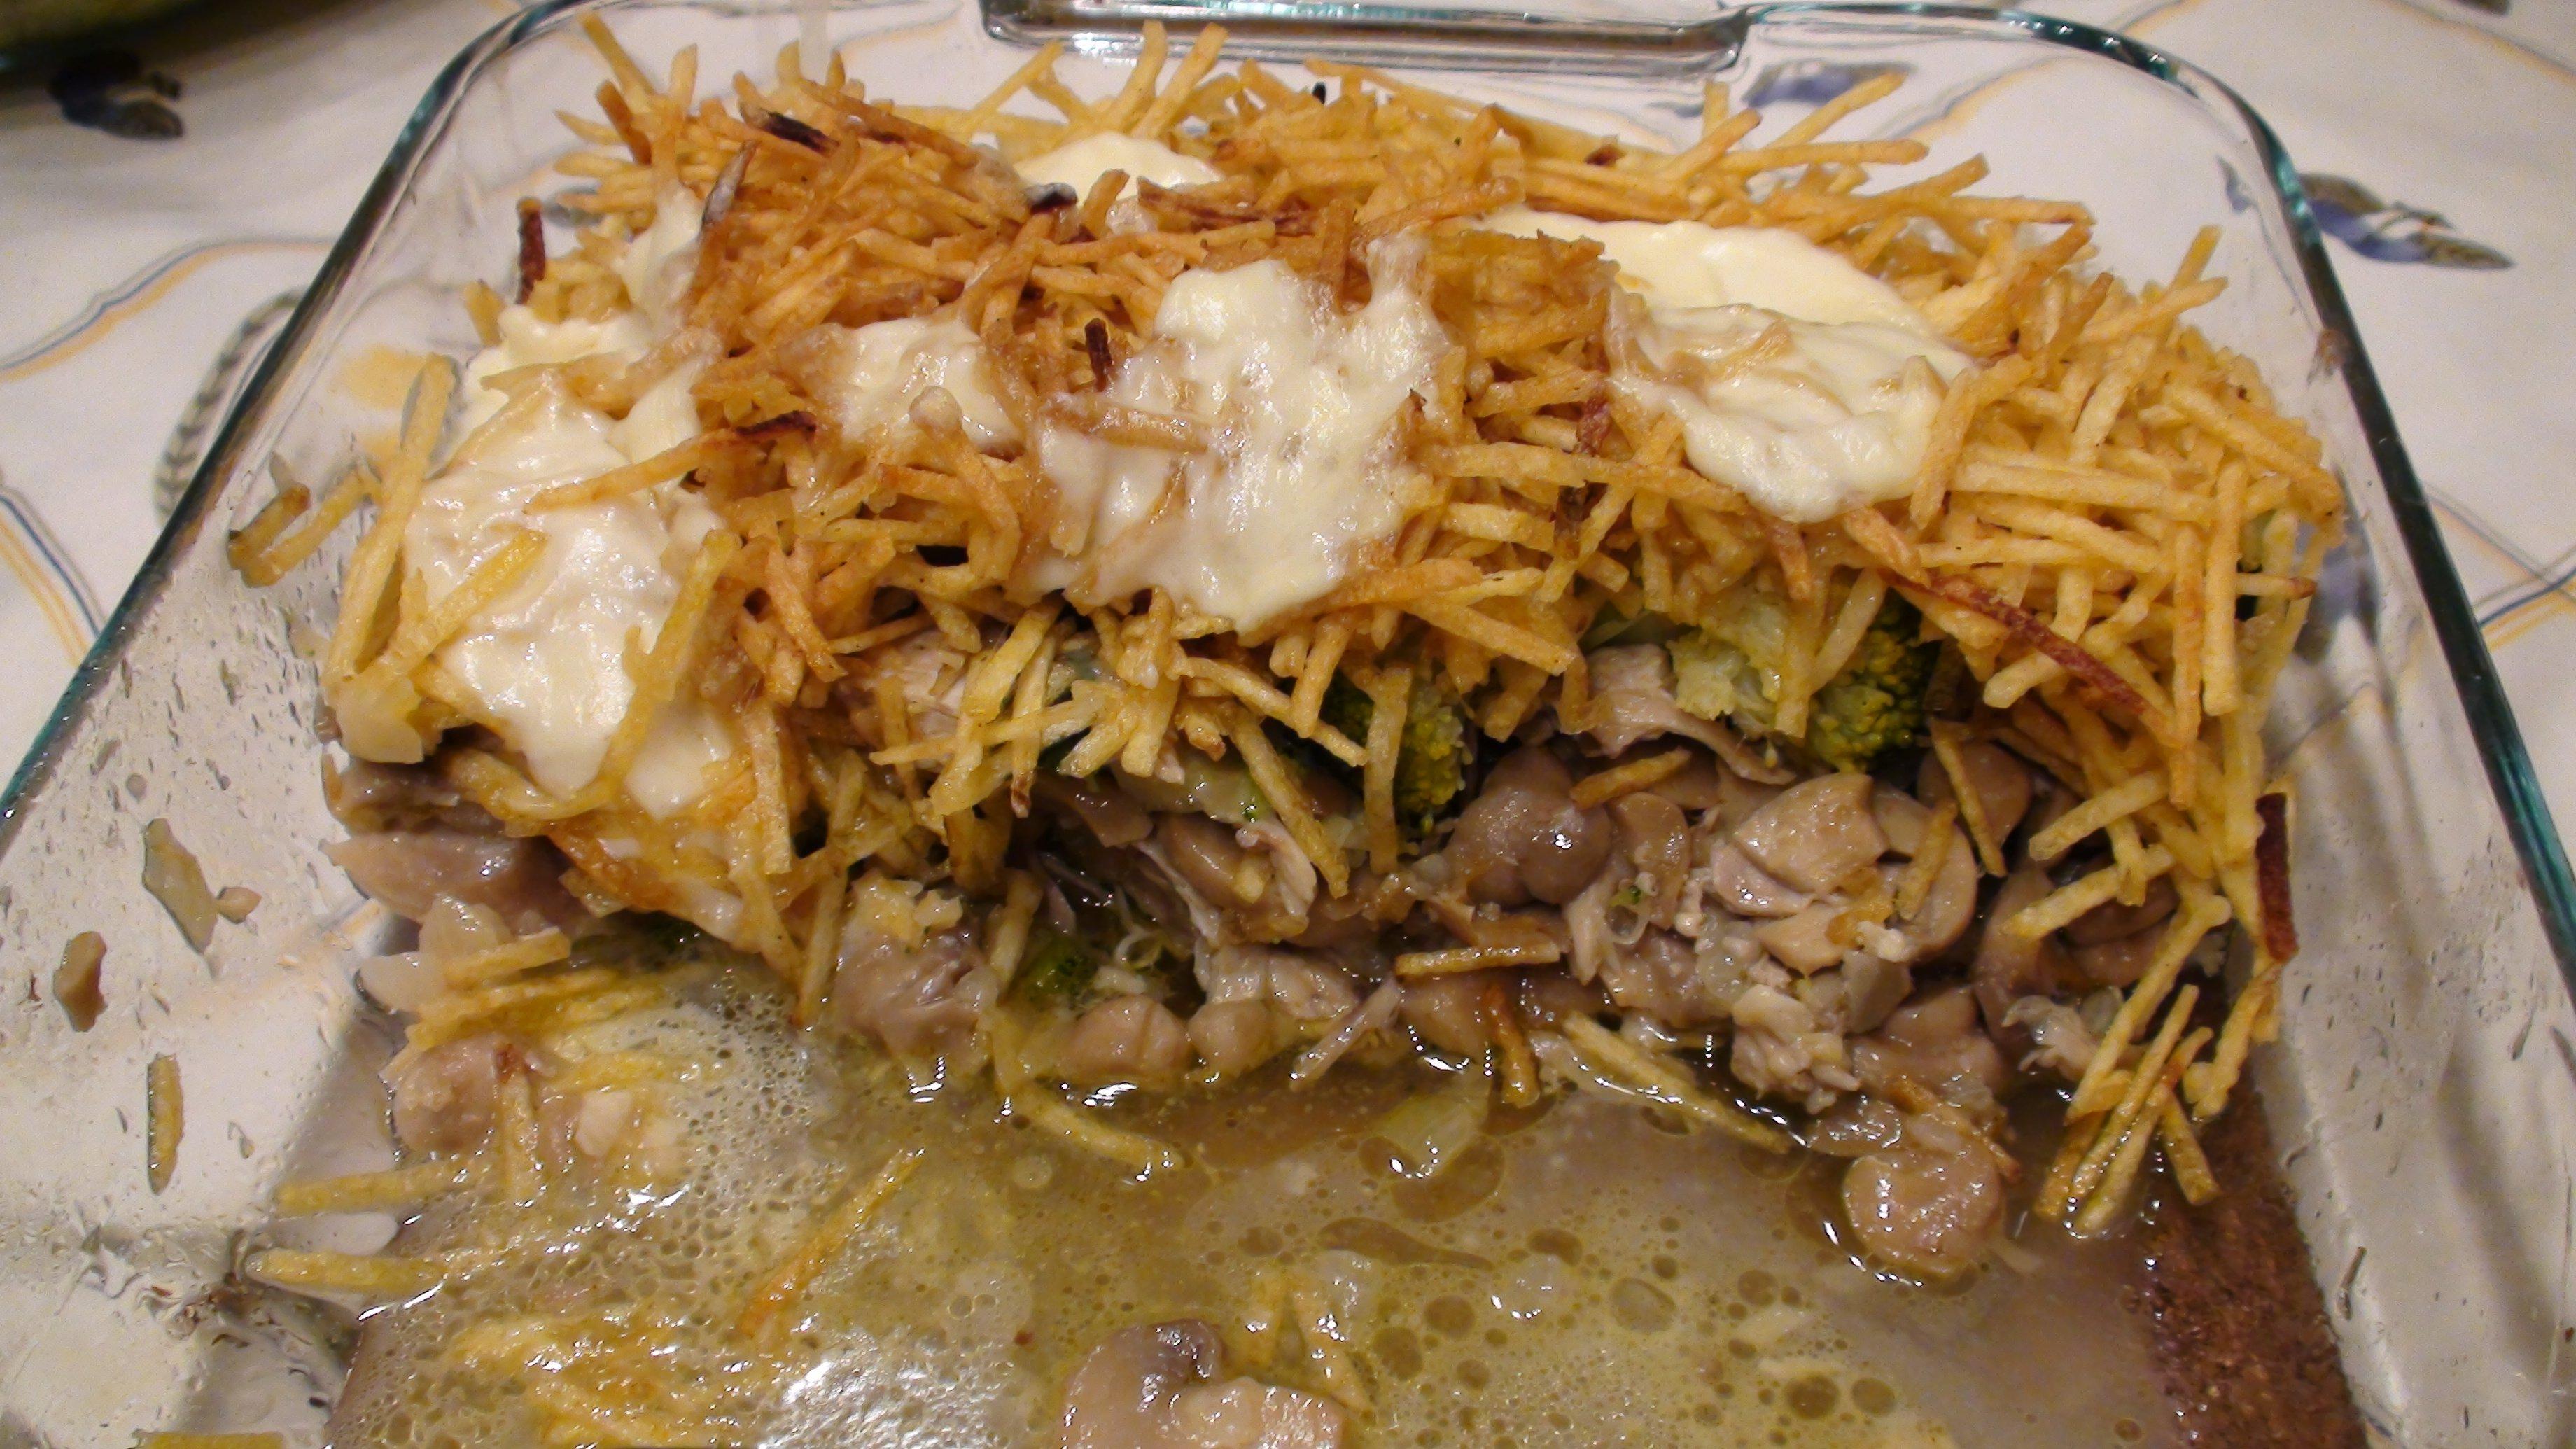 Poulet au four recettes chez moi - Que faire avec des reste de poulet ...